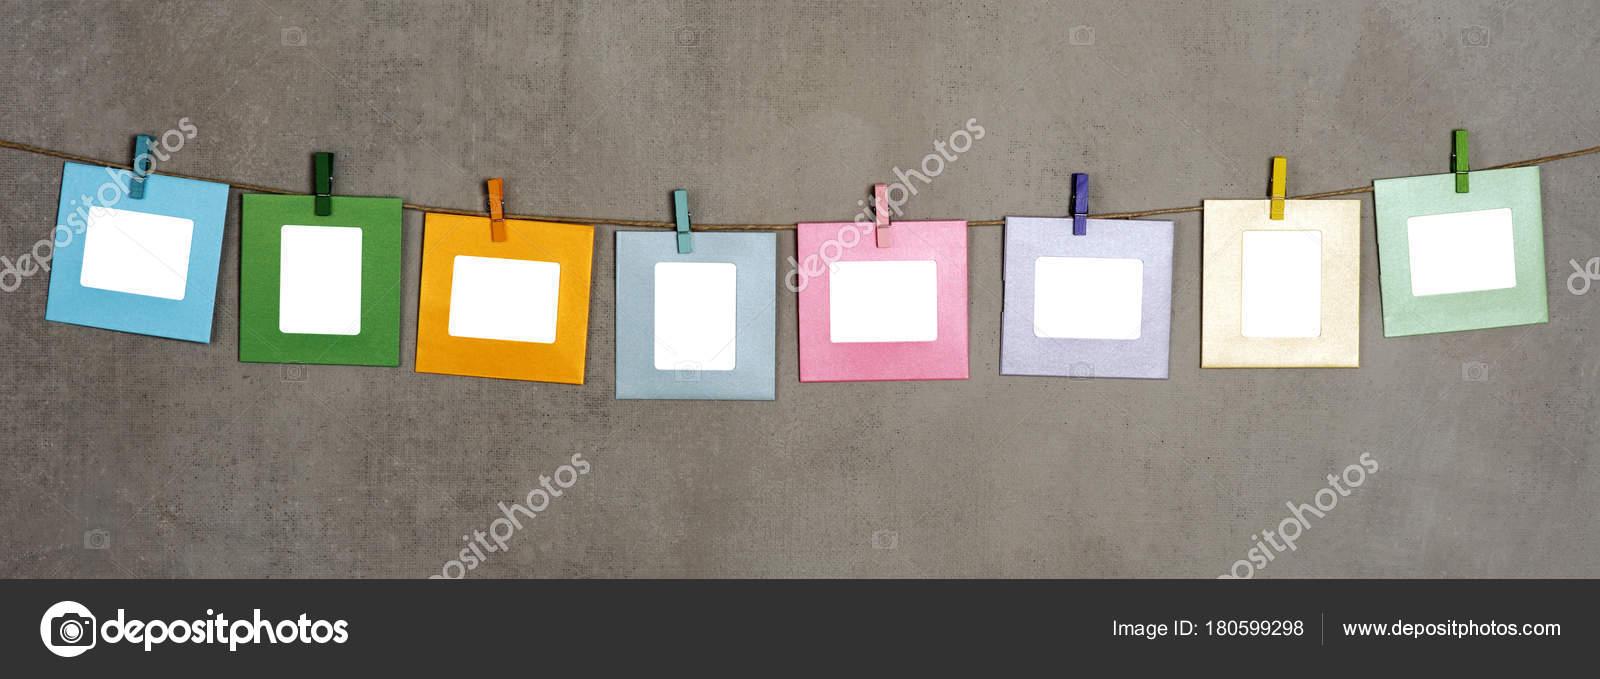 Multi Farbige Papier Fotorahmen Auf Grauem Hintergrund — Stockfoto ...